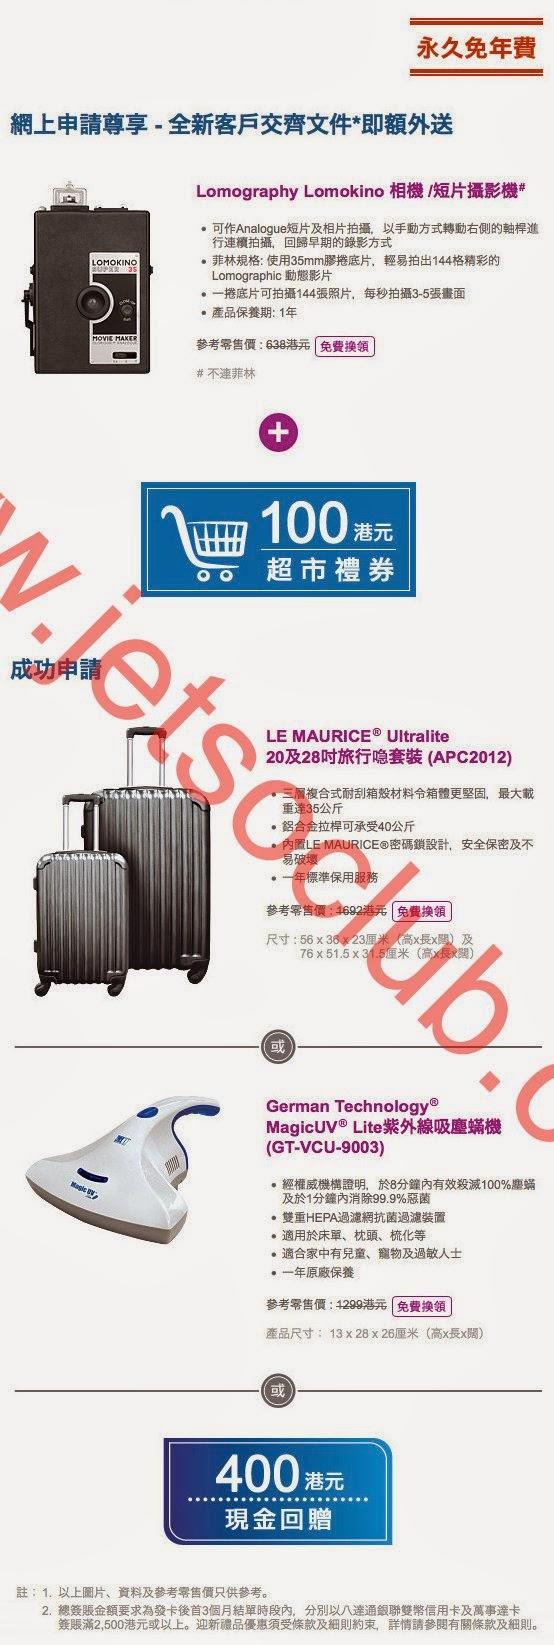 建行信用卡:迎新禮物 LE MAURICE Ultralite 20及28吋旅行喼套裝 / German Technology MagicUV Lite紫外線吸塵蟎機 / $400現金回贈(至 ...